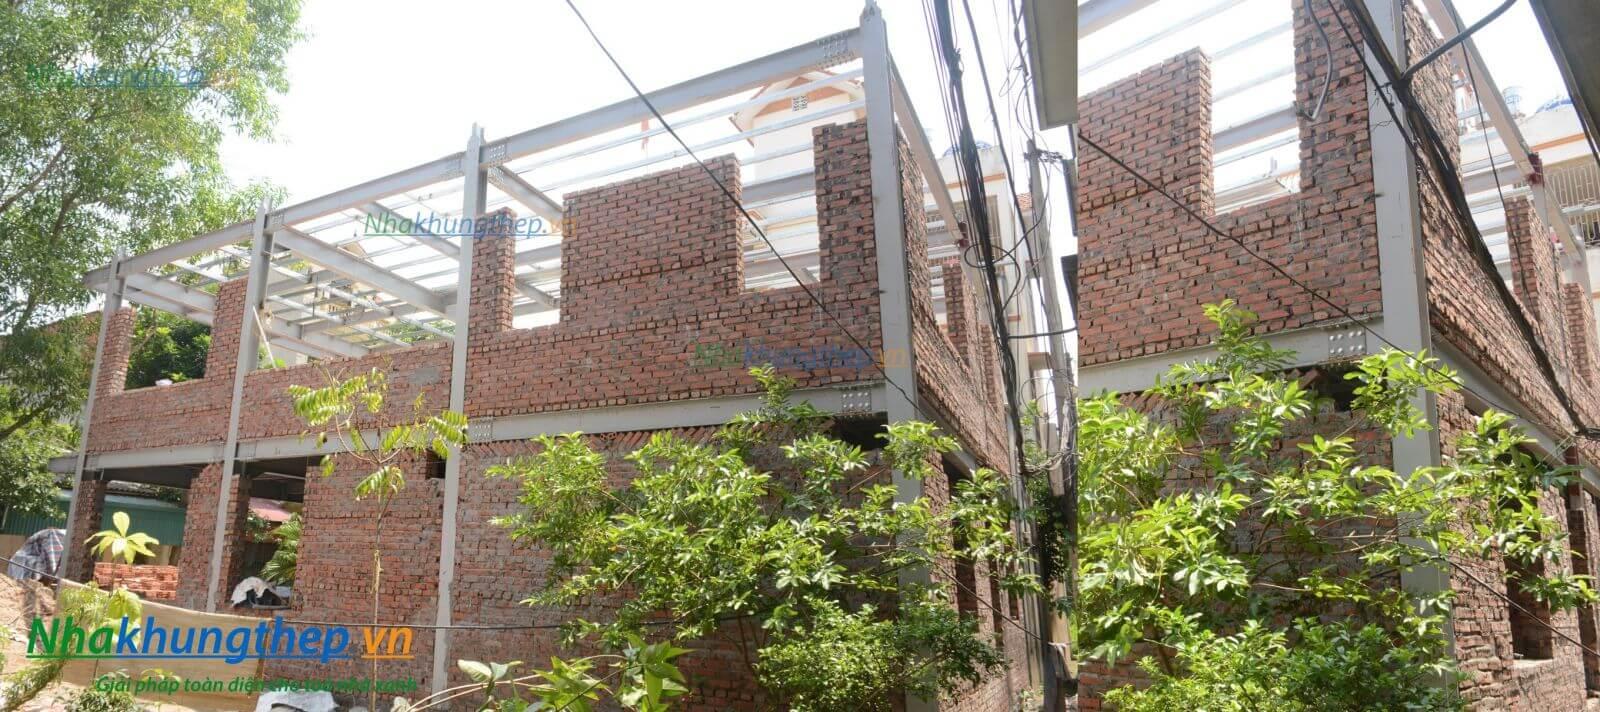 xây tường nhà khung thép